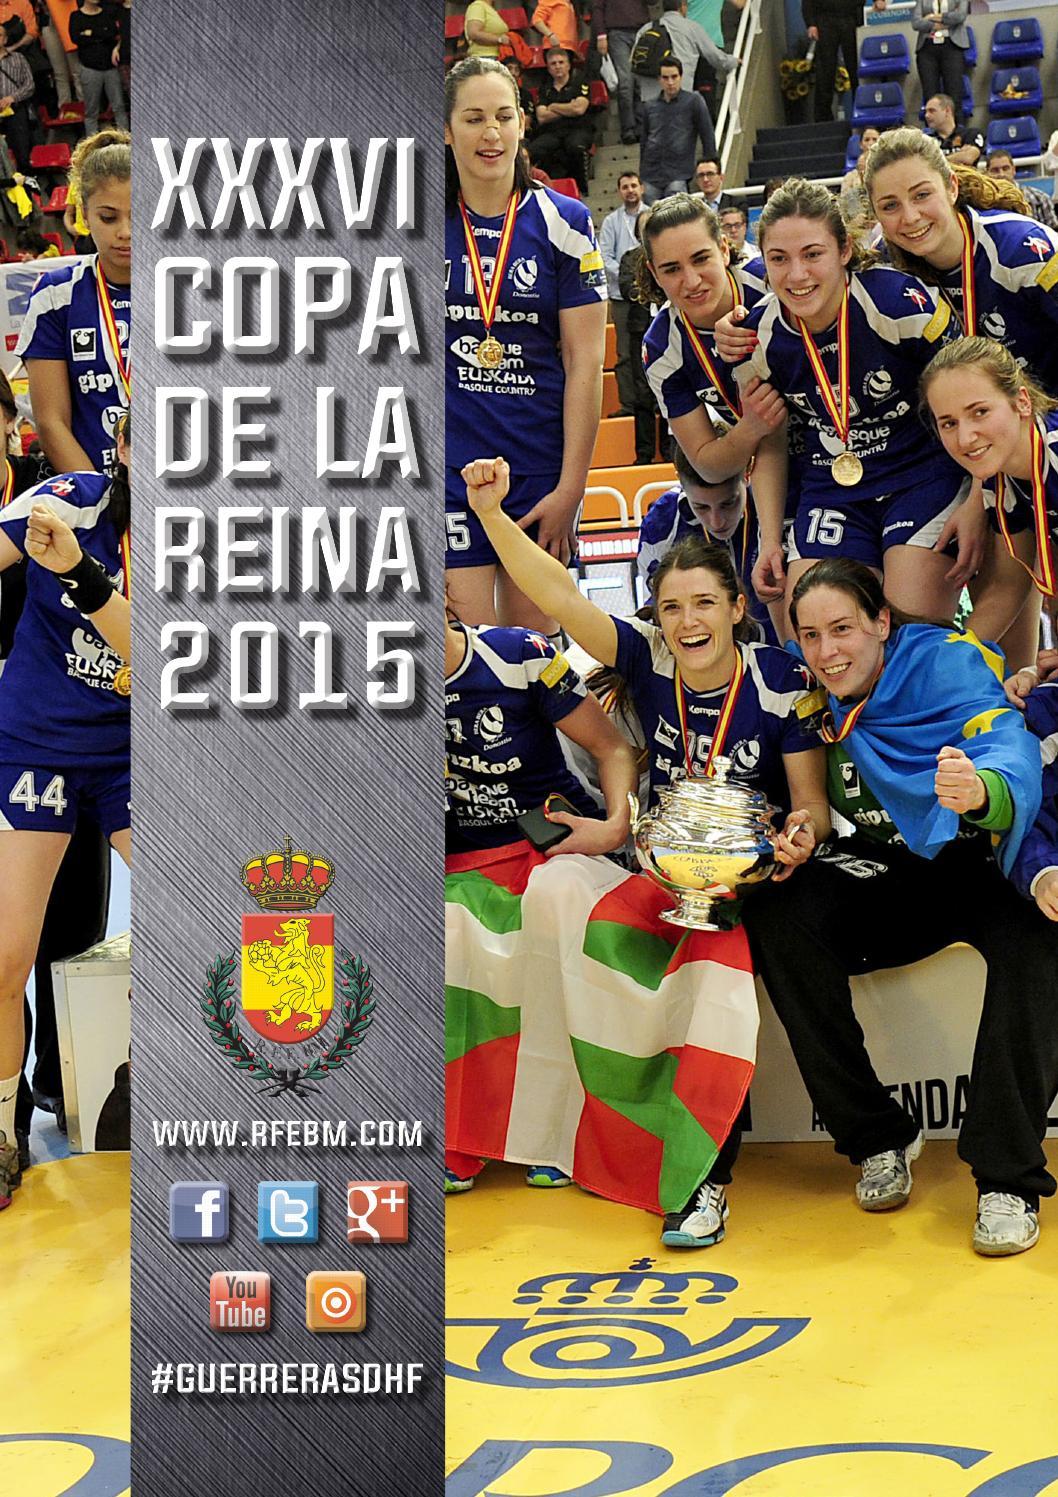 Revista de la copa de s m la reina 2015 by real - Viveros bermejo ...